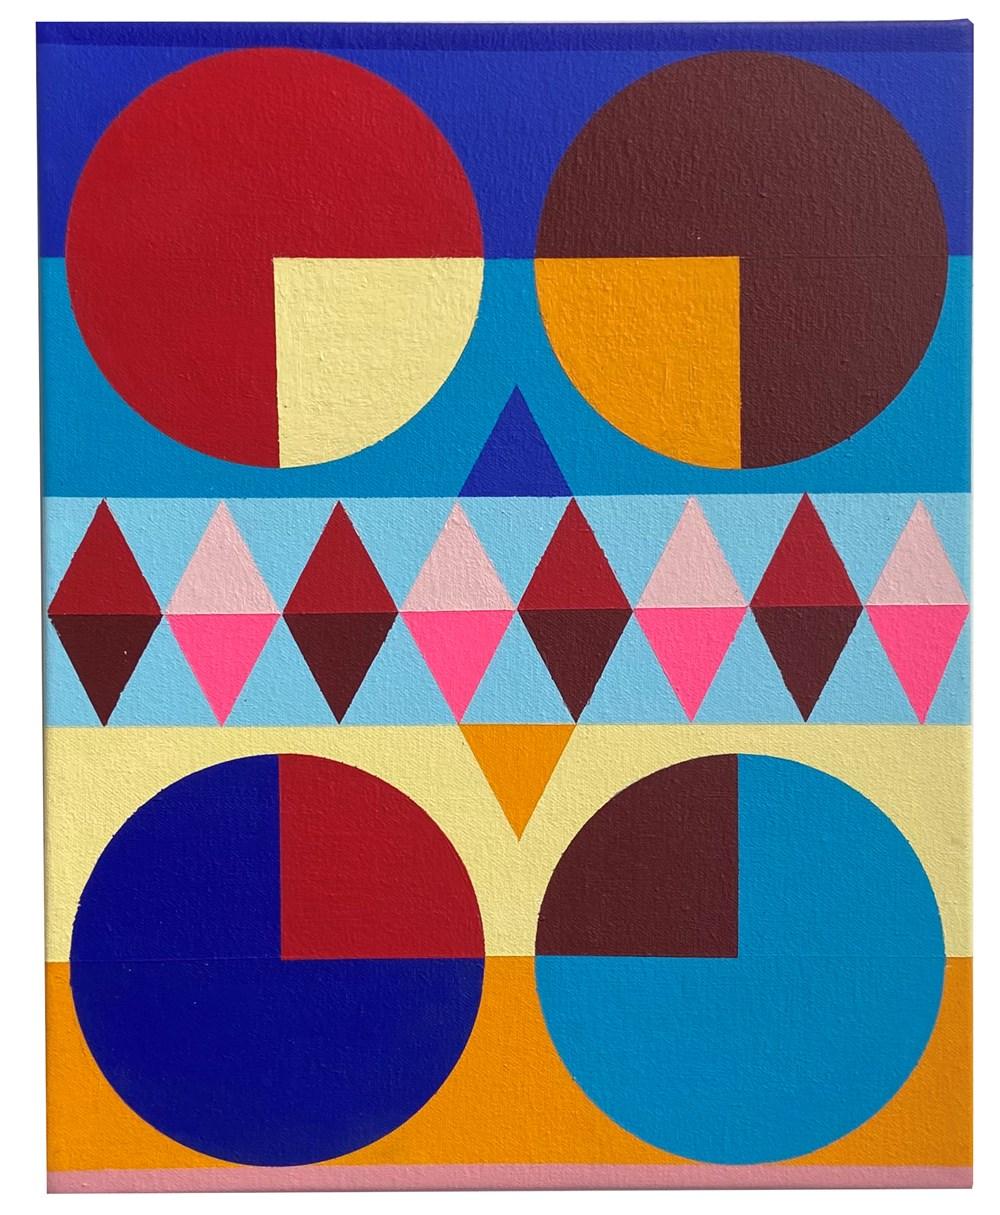 50 x £50 - Lot 31, Matt Dosa, Open Hand